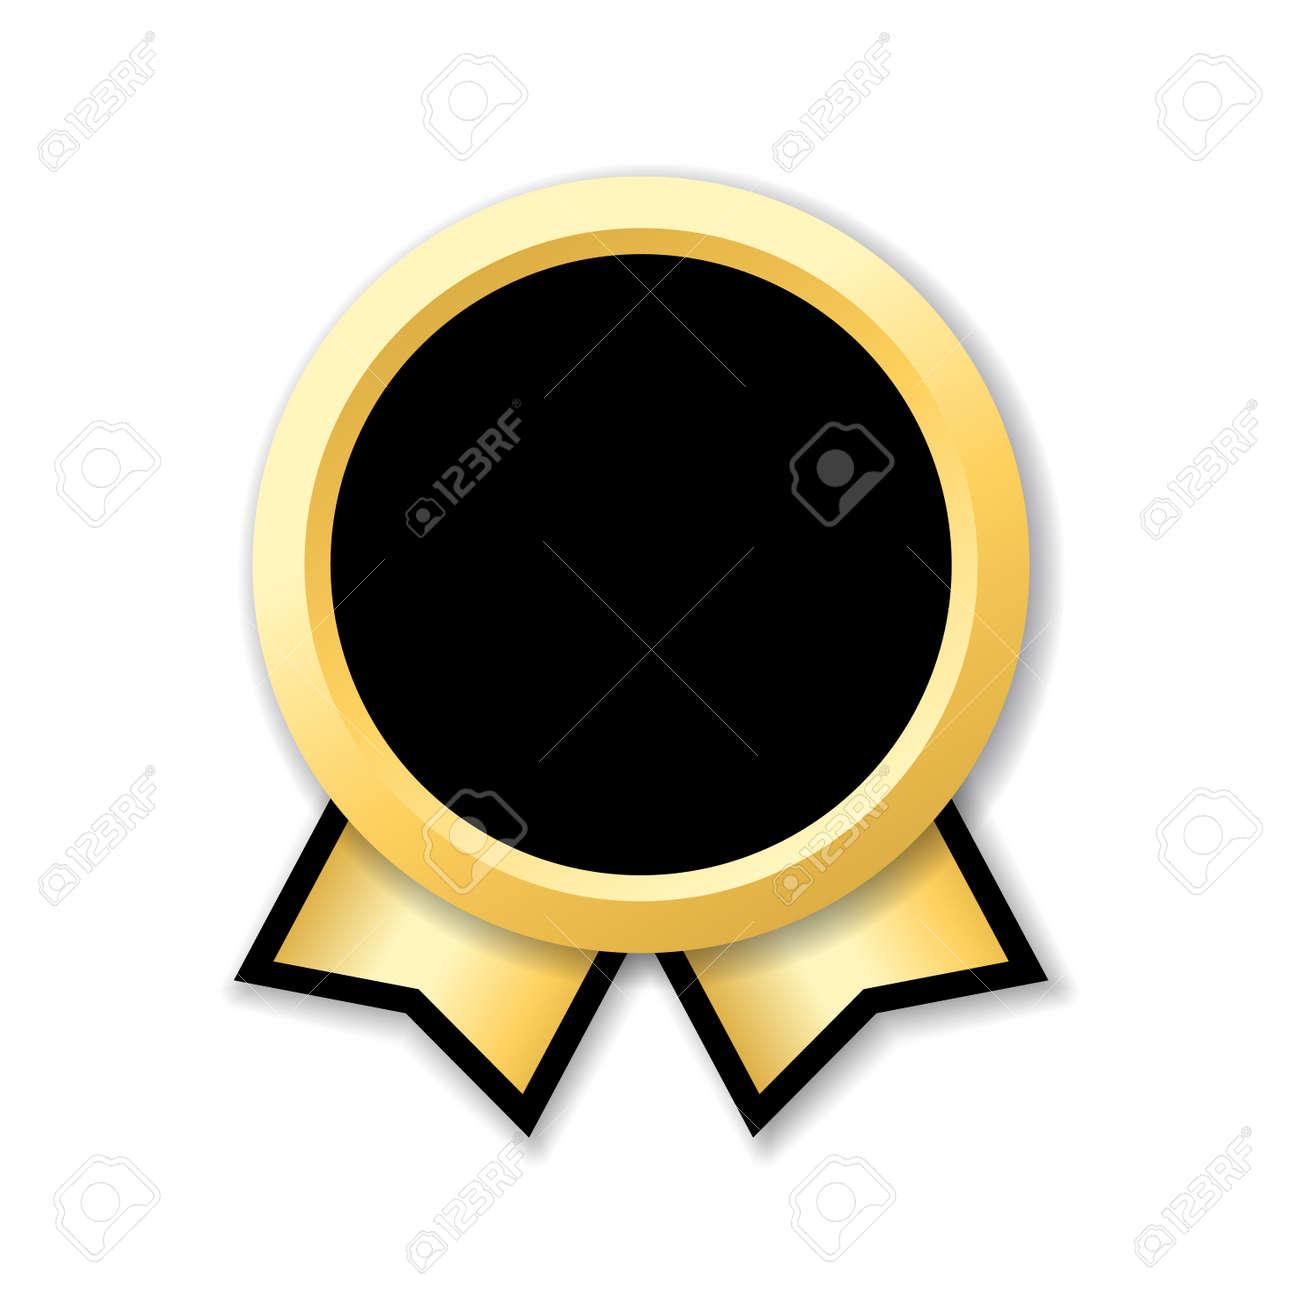 Premio Cinta Aislado. Medalla De Diseño De Oro, Etiqueta, Insignia ...